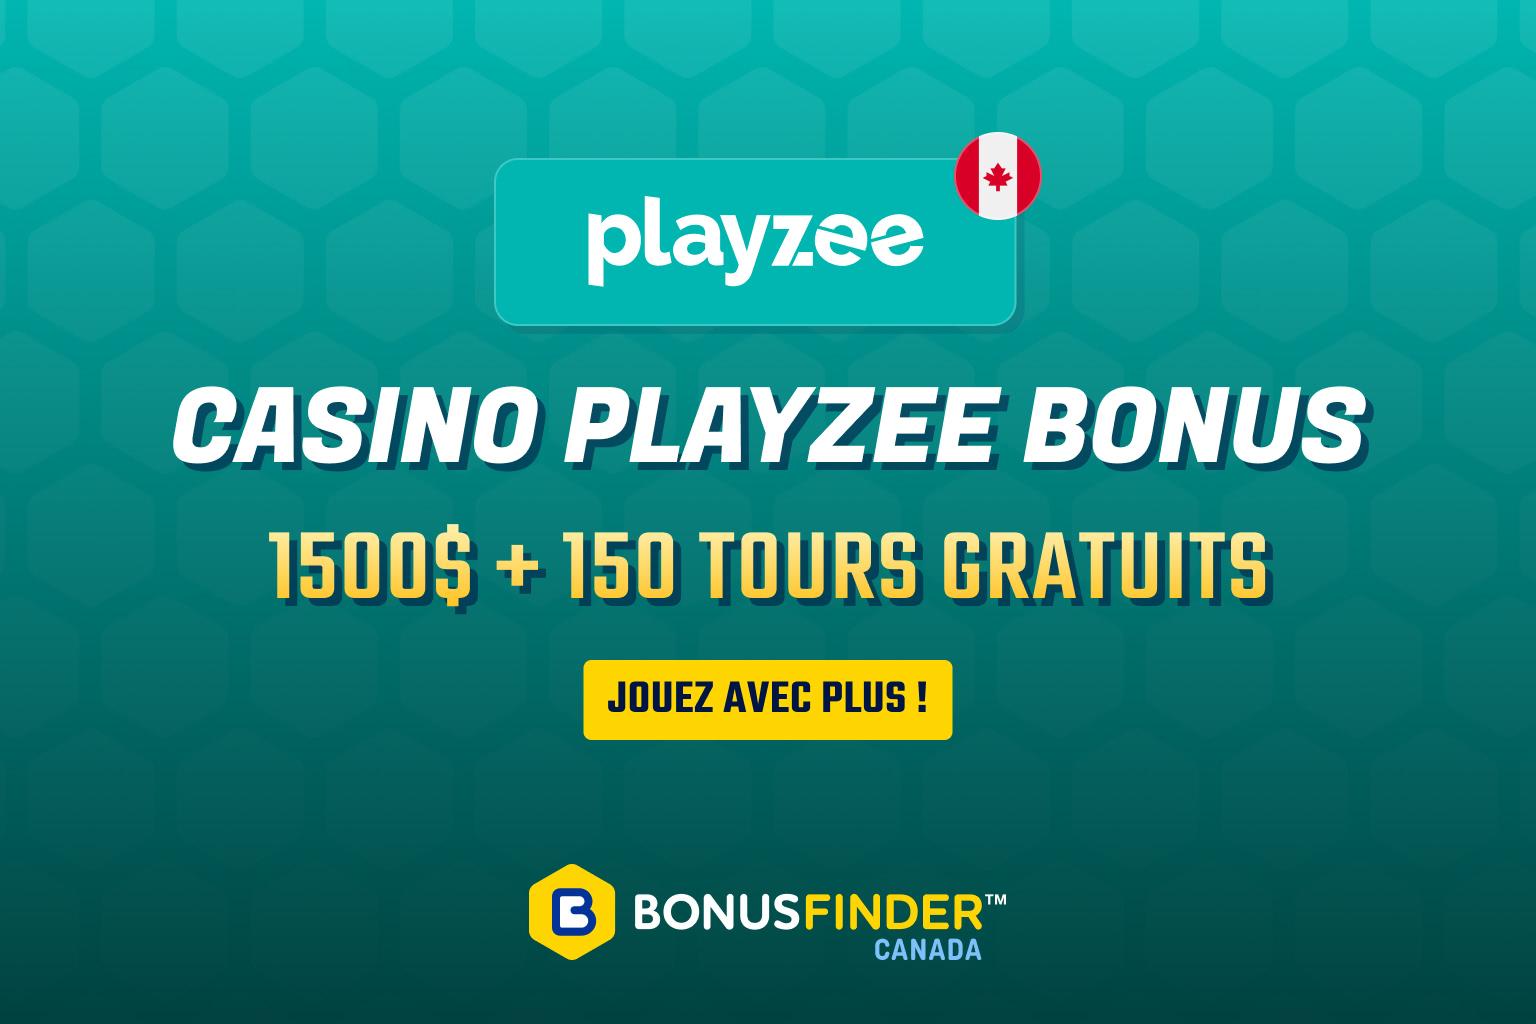 casino playzee bonus